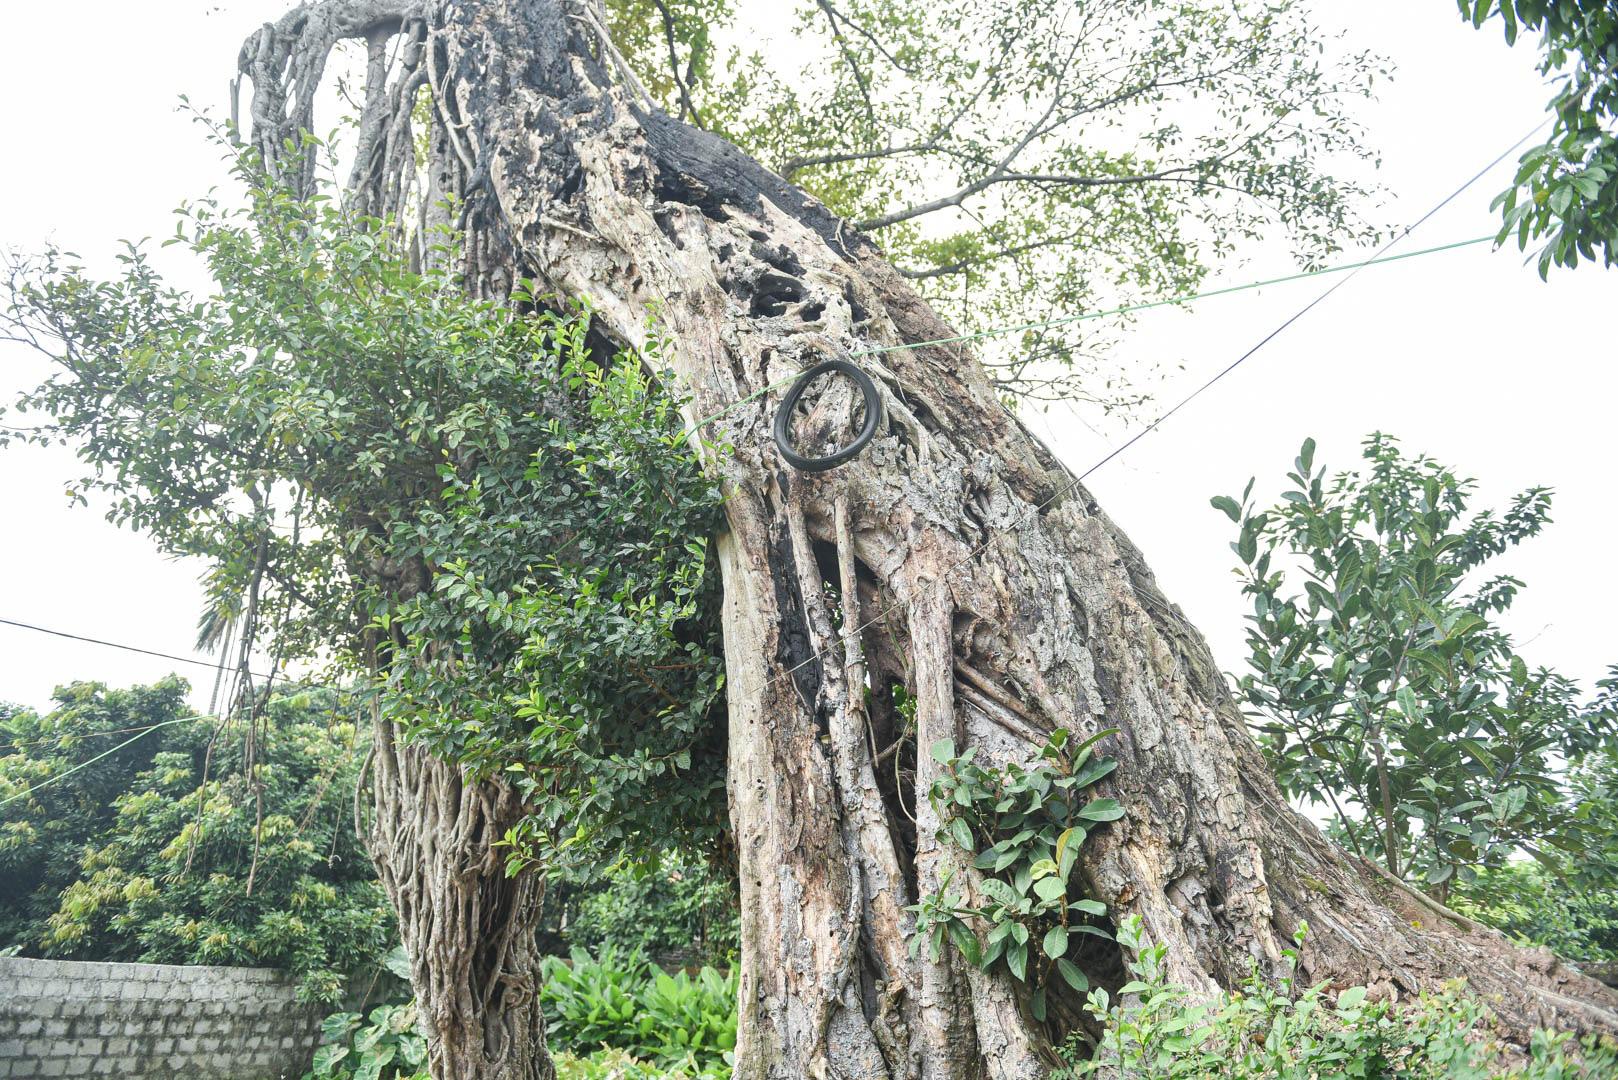 """Cây đa 500 tuổi có bộ rễ khủng tạo thành cổng làng """"độc"""" nhất ở Hưng Yên - Ảnh 7."""